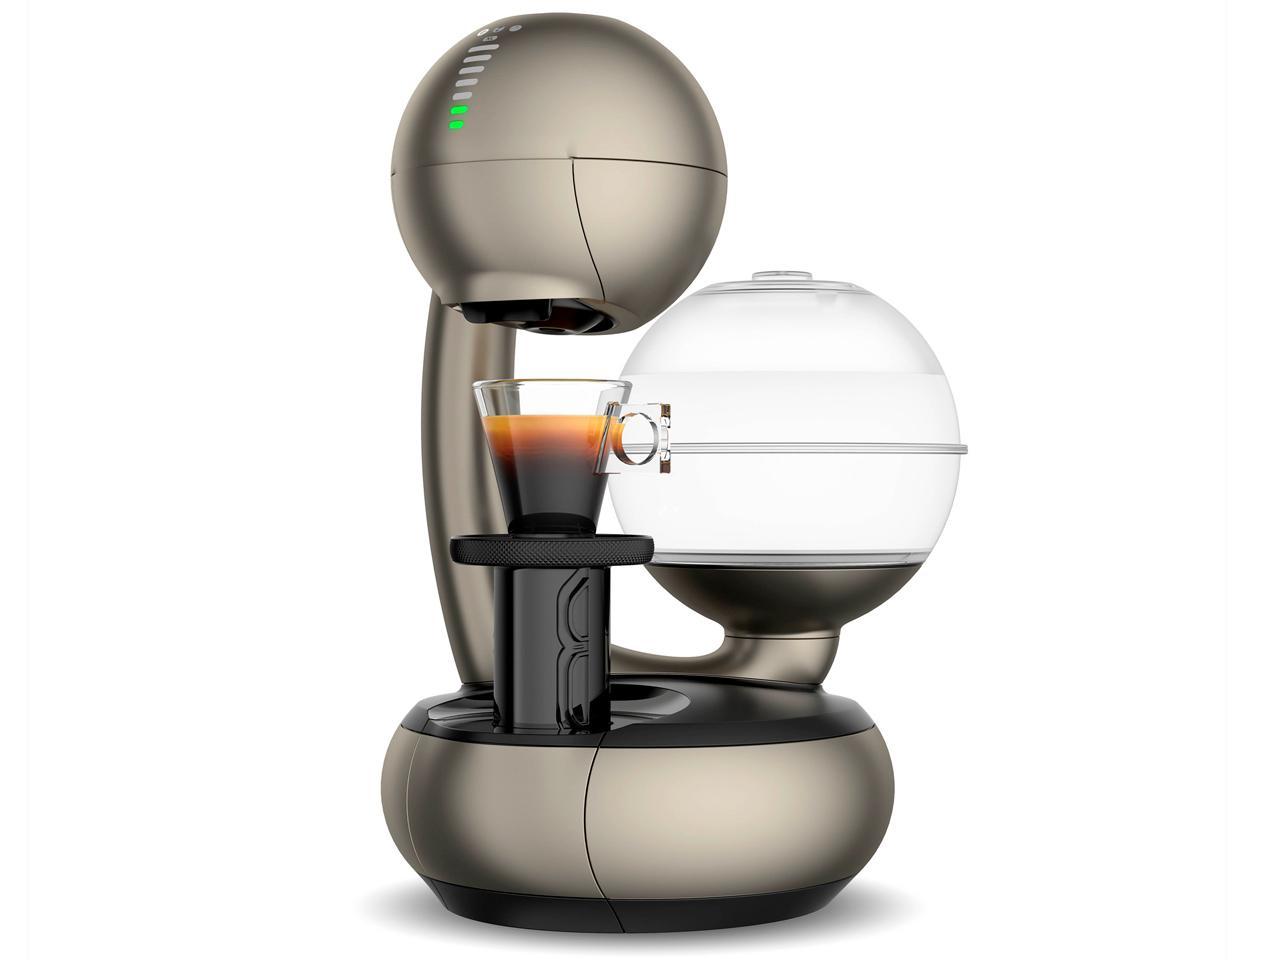 ネスレ日本 ネスレ MD9779TI コーヒーメーカー(MD9779)【smtb-s】